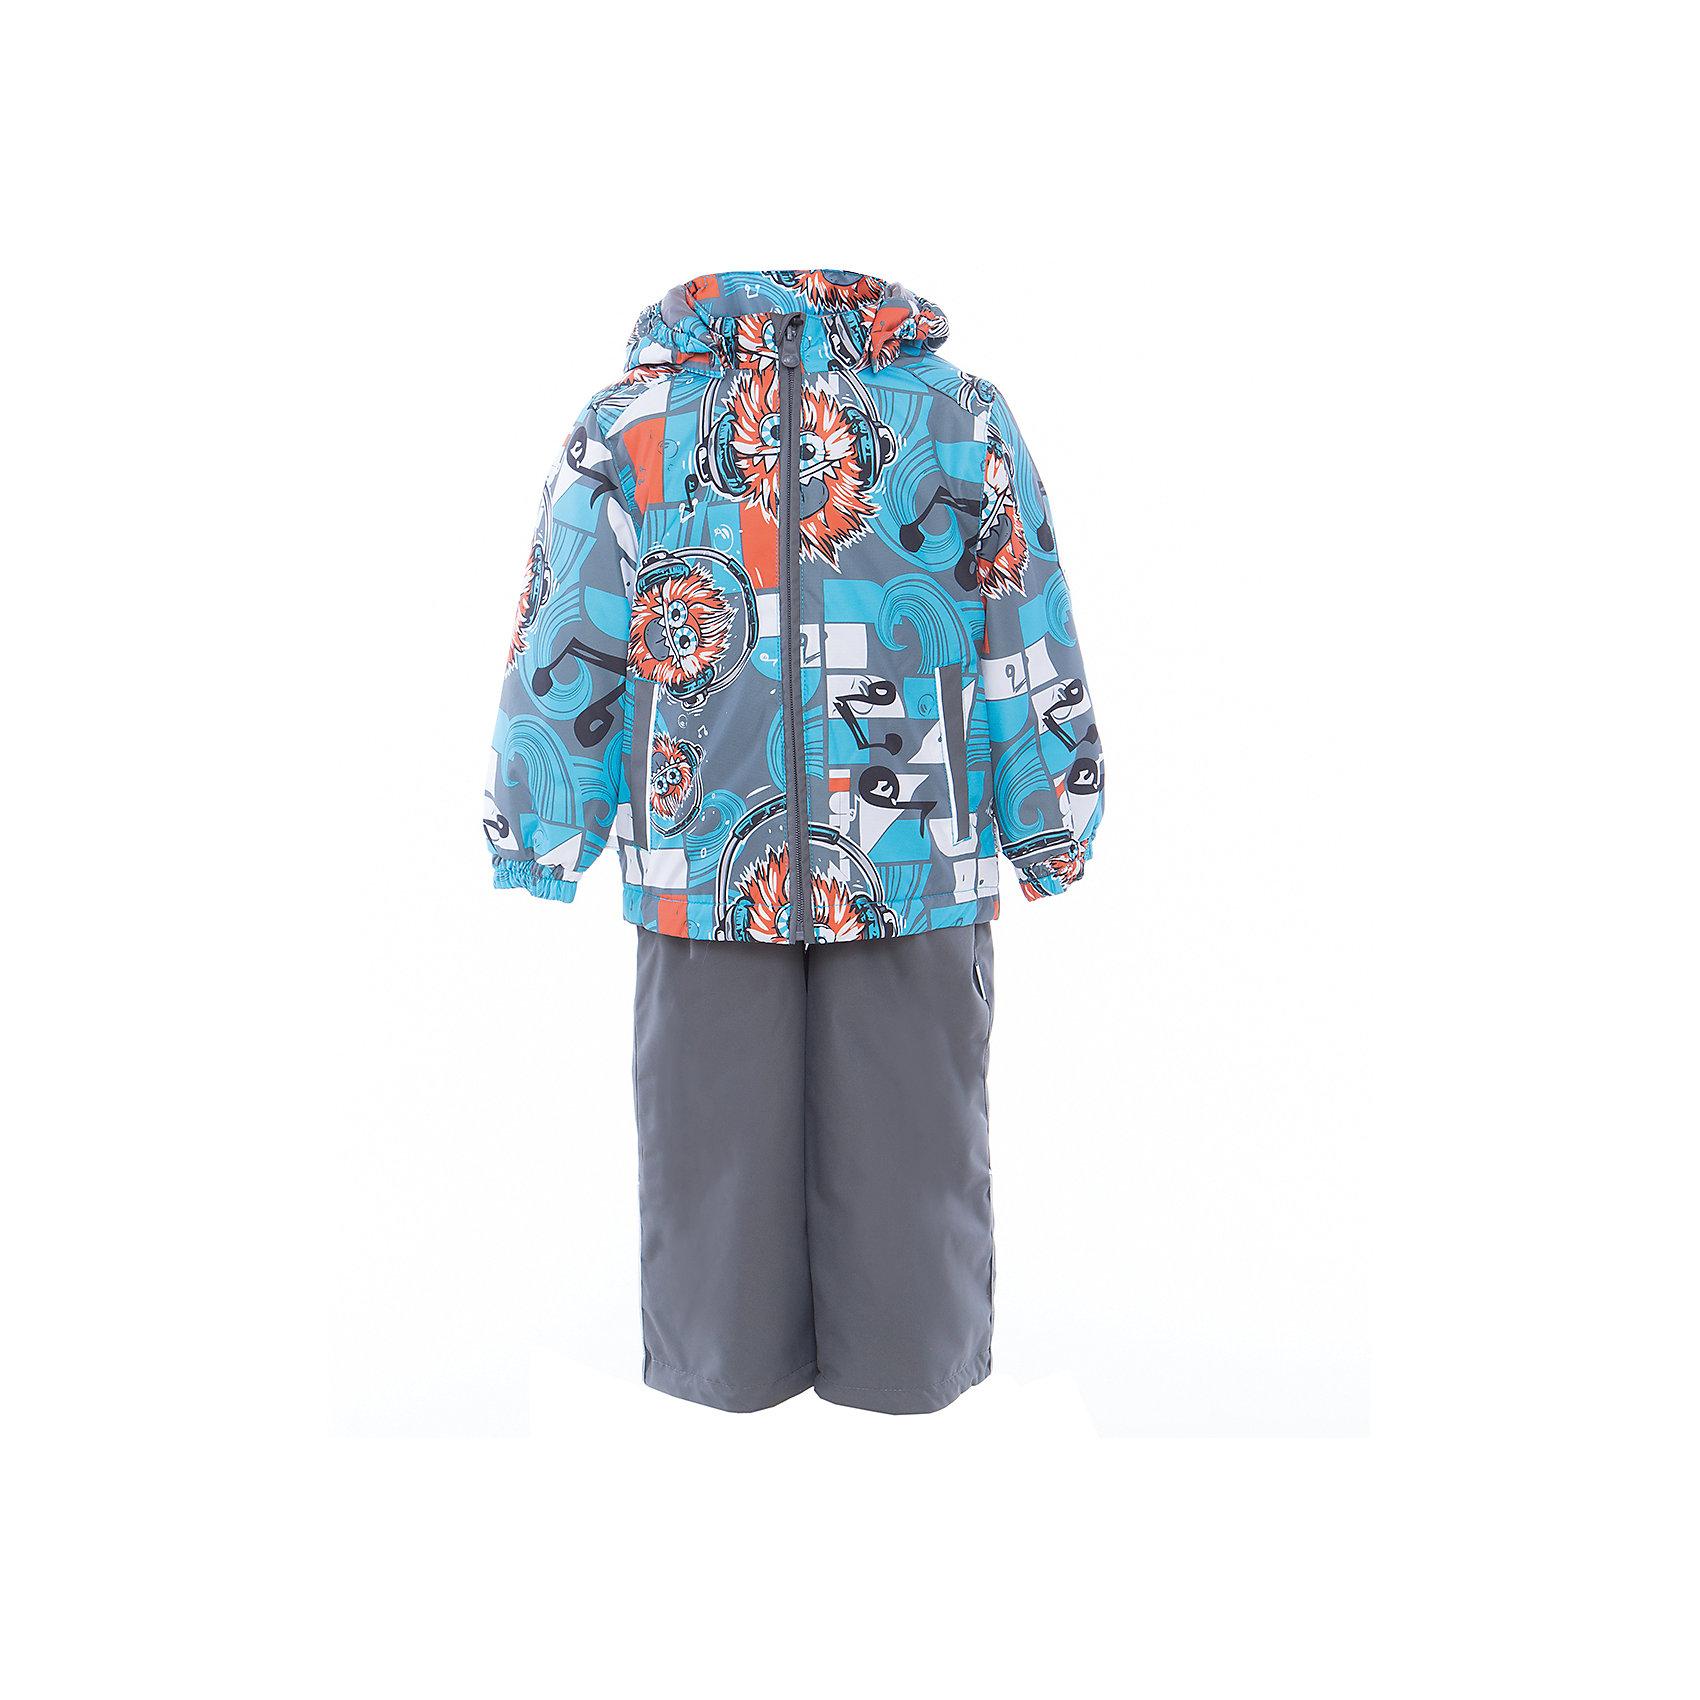 Комплект: куртка и полукомбинезон YOKO для мальчика HuppaВерхняя одежда<br>Характеристики товара:<br><br>• цвет: голубой принт/серый<br>• комплектация: куртка и полукомбинезон <br>• ткань: 100% полиэстер<br>• подкладка: тафта - 100% полиэстер<br>• утеплитель: в куртке и в брюках - 100% полиэстер 100 г<br>• температурный режим: от -5°С до +10°С<br>• водонепроницаемость: 10000 мм<br>• воздухопроницаемость: 10000 мм<br>• светоотражающие детали<br>• шов сидения проклеен<br>• эластичный шнур по низу куртки<br>• эластичный шнур с фиксатором внизу брючин<br>• съёмный капюшон с резинкой<br>• эластичные манжеты рукавов<br>• регулируемые низы брючин<br>• без внутренних швов<br>• резиновые подтяжки<br>• коллекция: весна-лето 2017<br>• страна бренда: Эстония<br><br>Такой модный демисезонный комплект  обеспечит детям тепло и комфорт. Он сделан из материала, отталкивающего воду, и дополнен подкладкой с утеплителем, поэтому изделие идеально подходит для межсезонья. Материал изделий - с мембранной технологией: защищая от влаги и ветра, он легко выводит лишнюю влагу наружу. Комплект очень симпатично смотрится. <br><br>Одежда и обувь от популярного эстонского бренда Huppa - отличный вариант одеть ребенка можно и комфортно. Вещи, выпускаемые компанией, качественные, продуманные и очень удобные. Для производства изделий используются только безопасные для детей материалы. Продукция от Huppa порадует и детей, и их родителей!<br><br>Комплект: куртка и полукомбинезон YOKO от бренда Huppa (Хуппа) можно купить в нашем интернет-магазине.<br><br>Ширина мм: 356<br>Глубина мм: 10<br>Высота мм: 245<br>Вес г: 519<br>Цвет: голубой<br>Возраст от месяцев: 72<br>Возраст до месяцев: 84<br>Пол: Мужской<br>Возраст: Детский<br>Размер: 122,92,98,104,110,116<br>SKU: 5346732